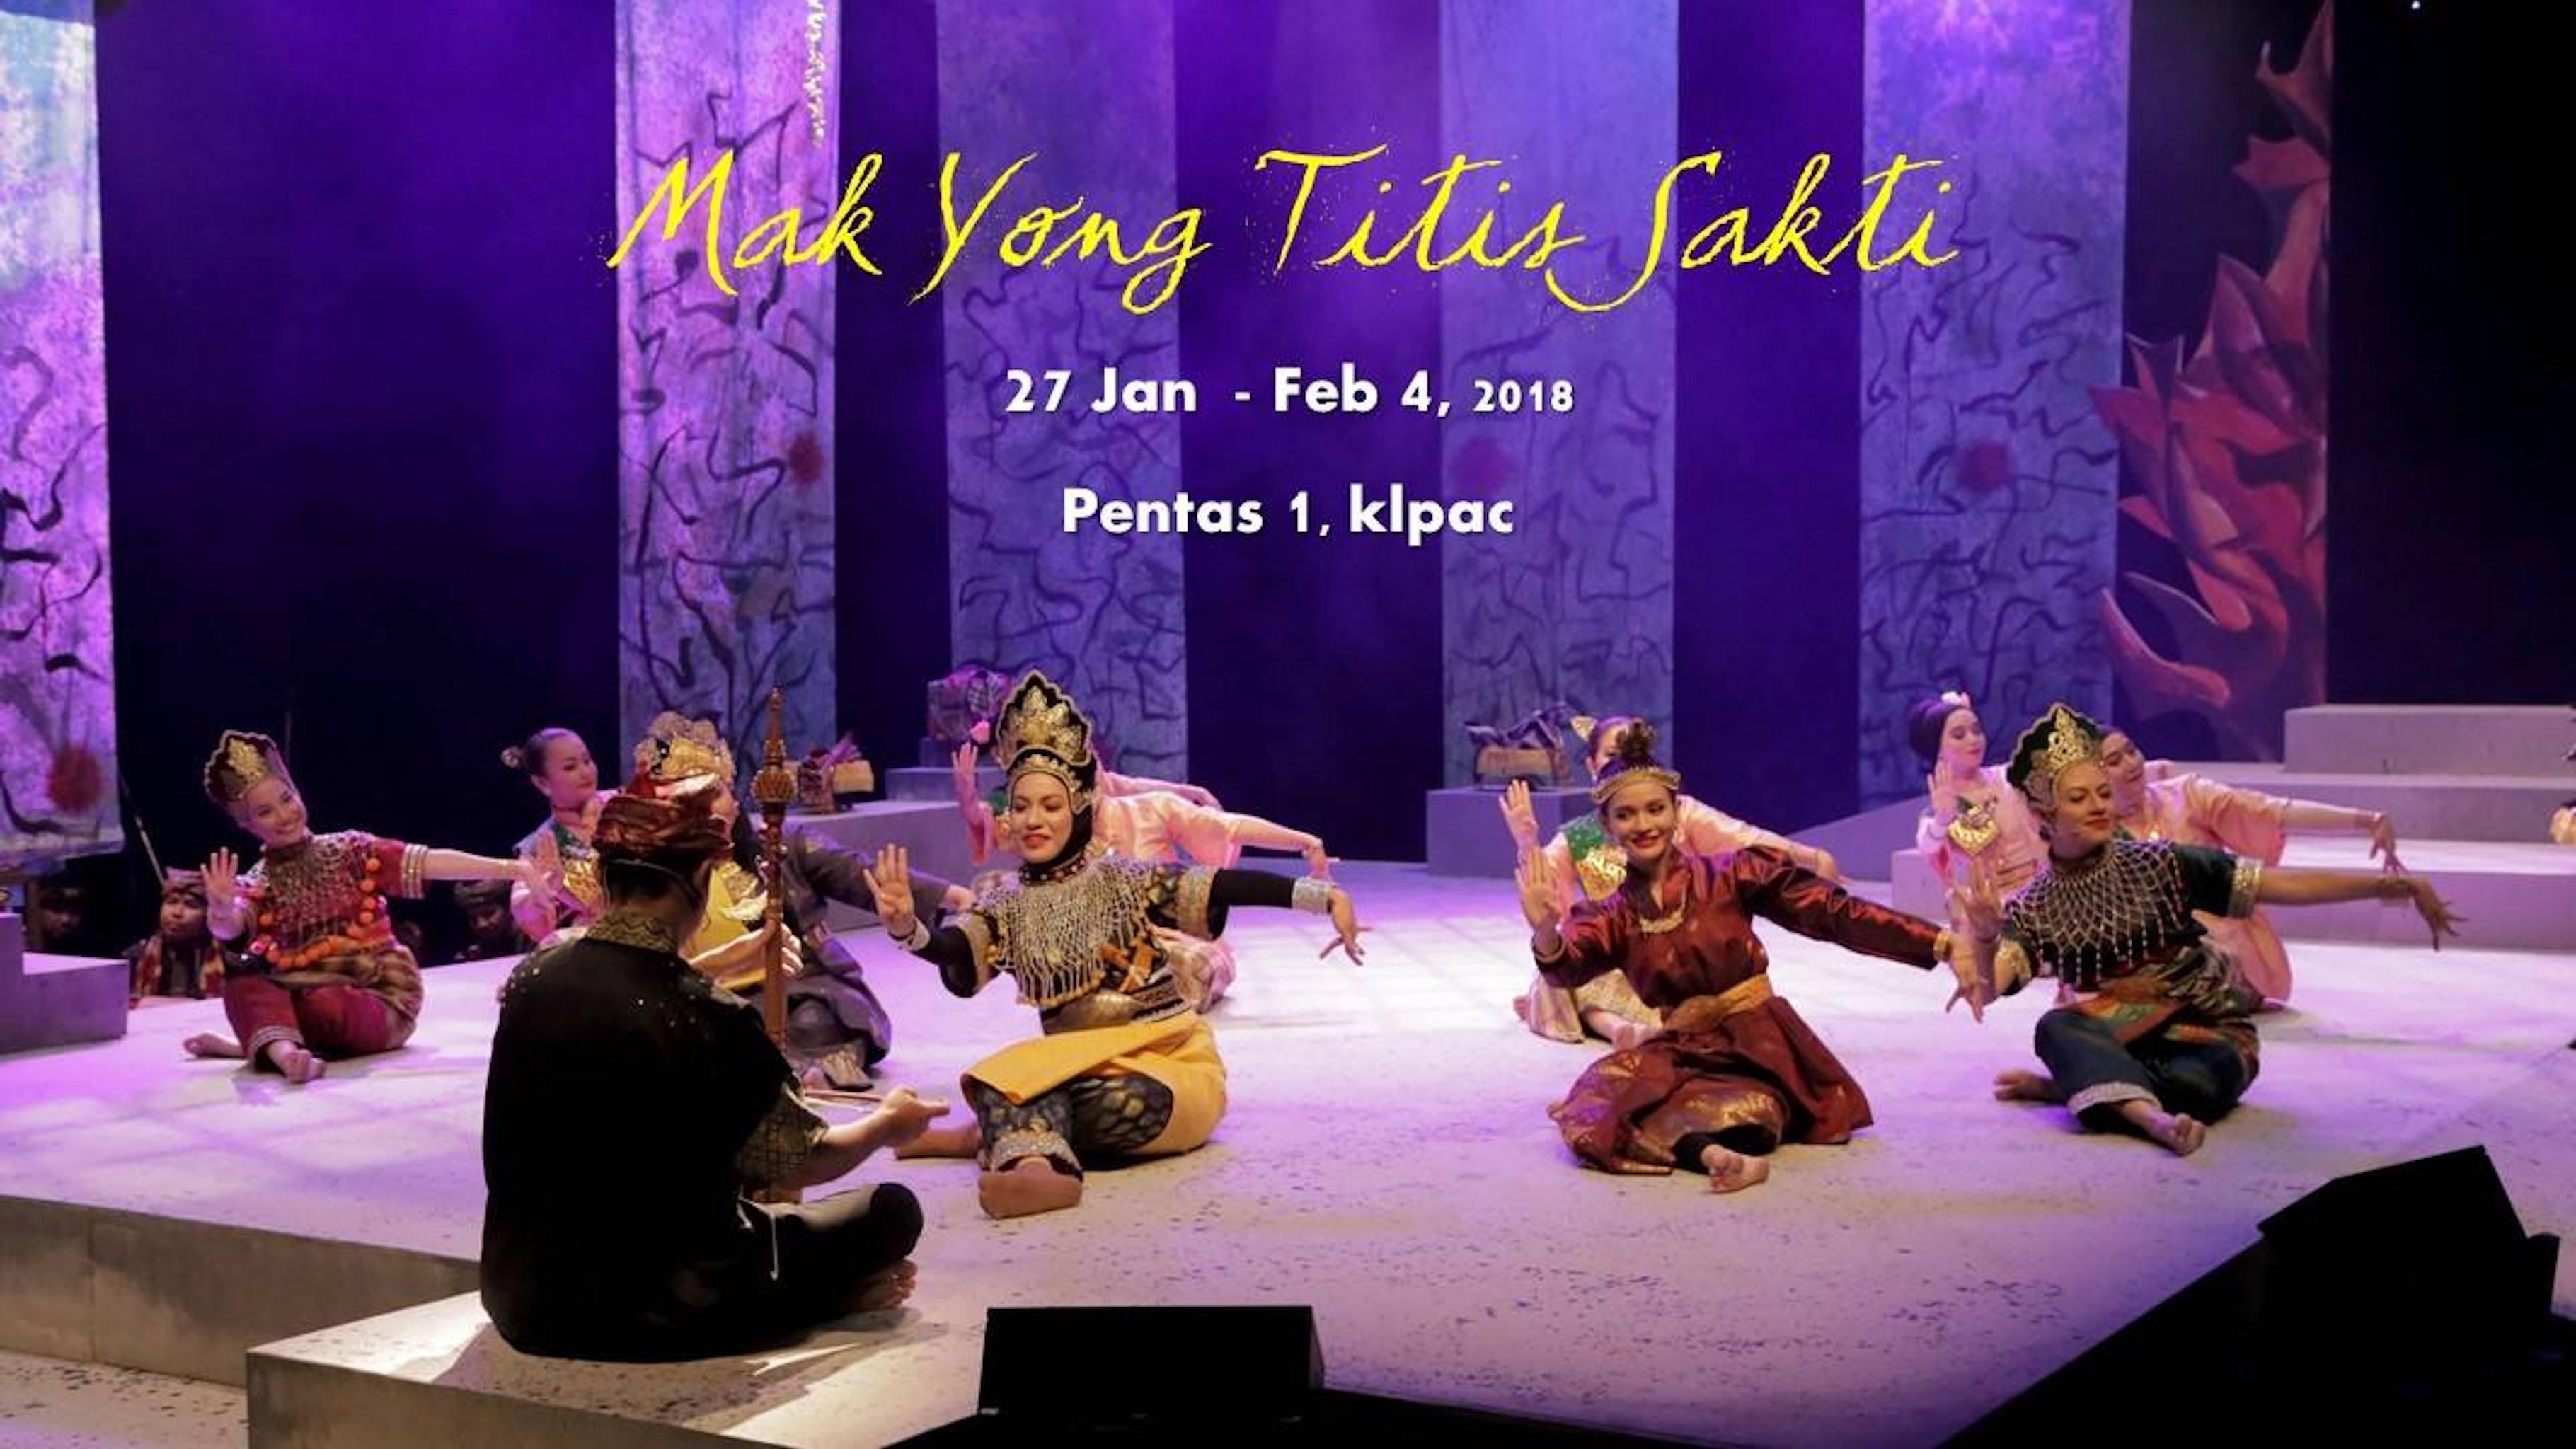 2018 Mak Yong Titis Sakti cover